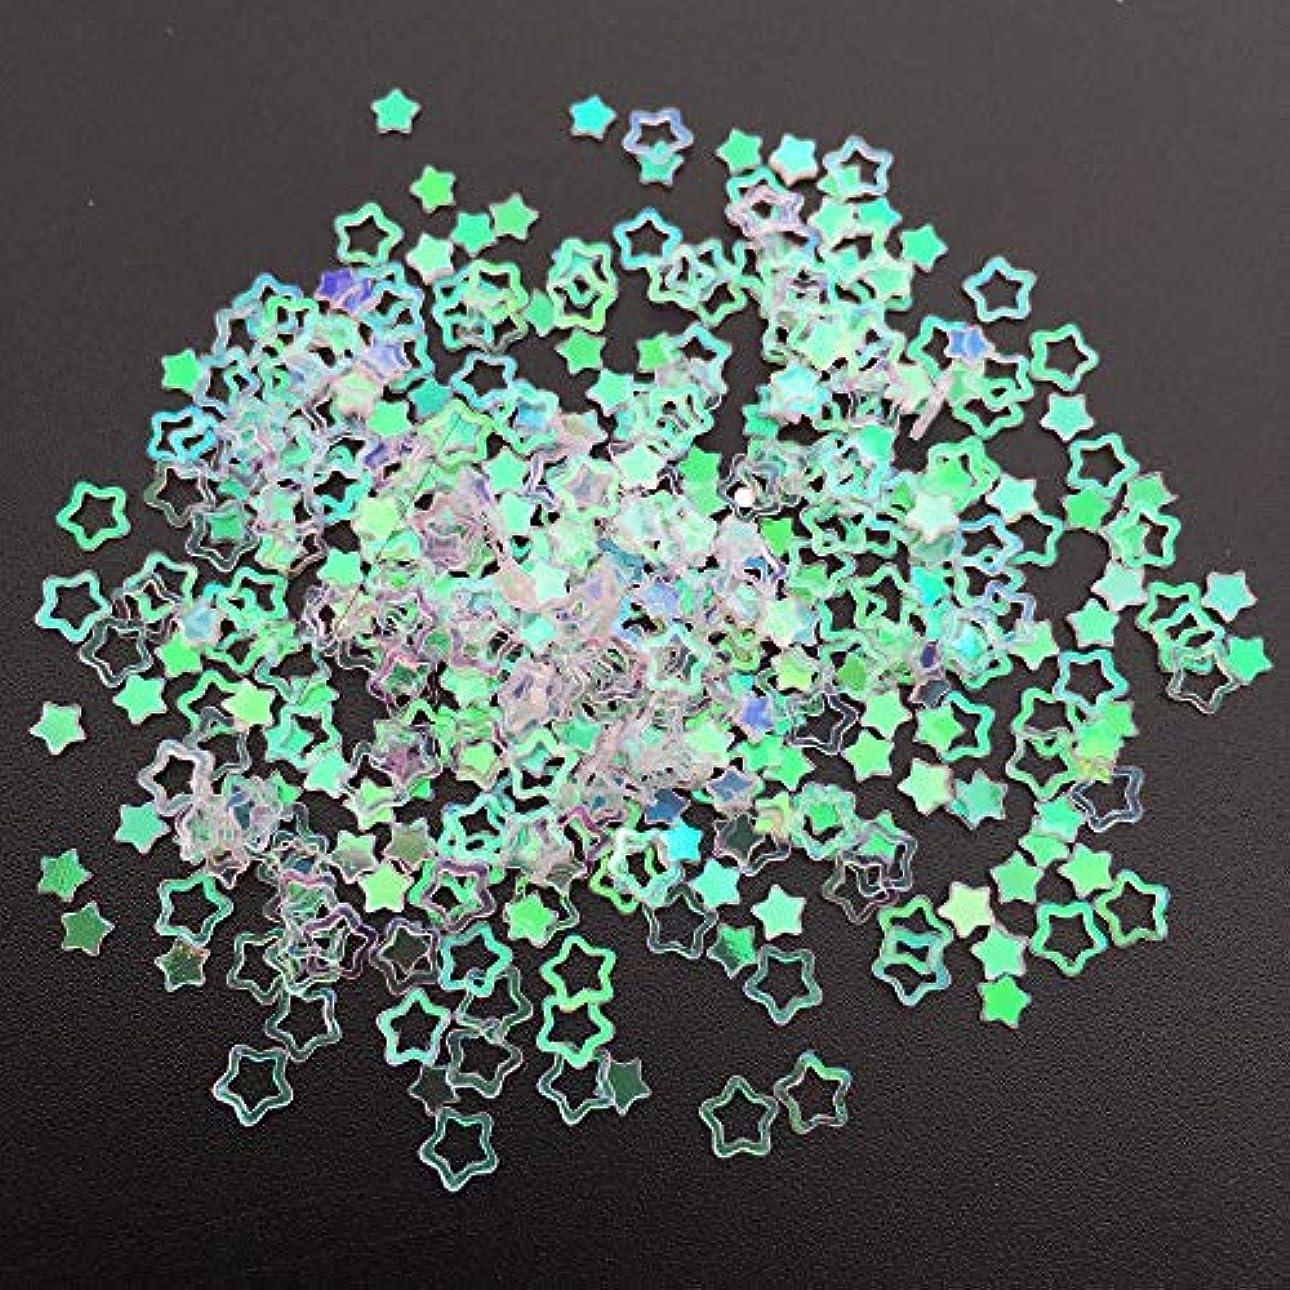 一握りコンピューターを使用する印象ネイルアートマニキュア縫製結婚式の装飾紙吹雪のための20グラム3mmの中空スターP形PVC緩いスパンコールグリッタースパンコール